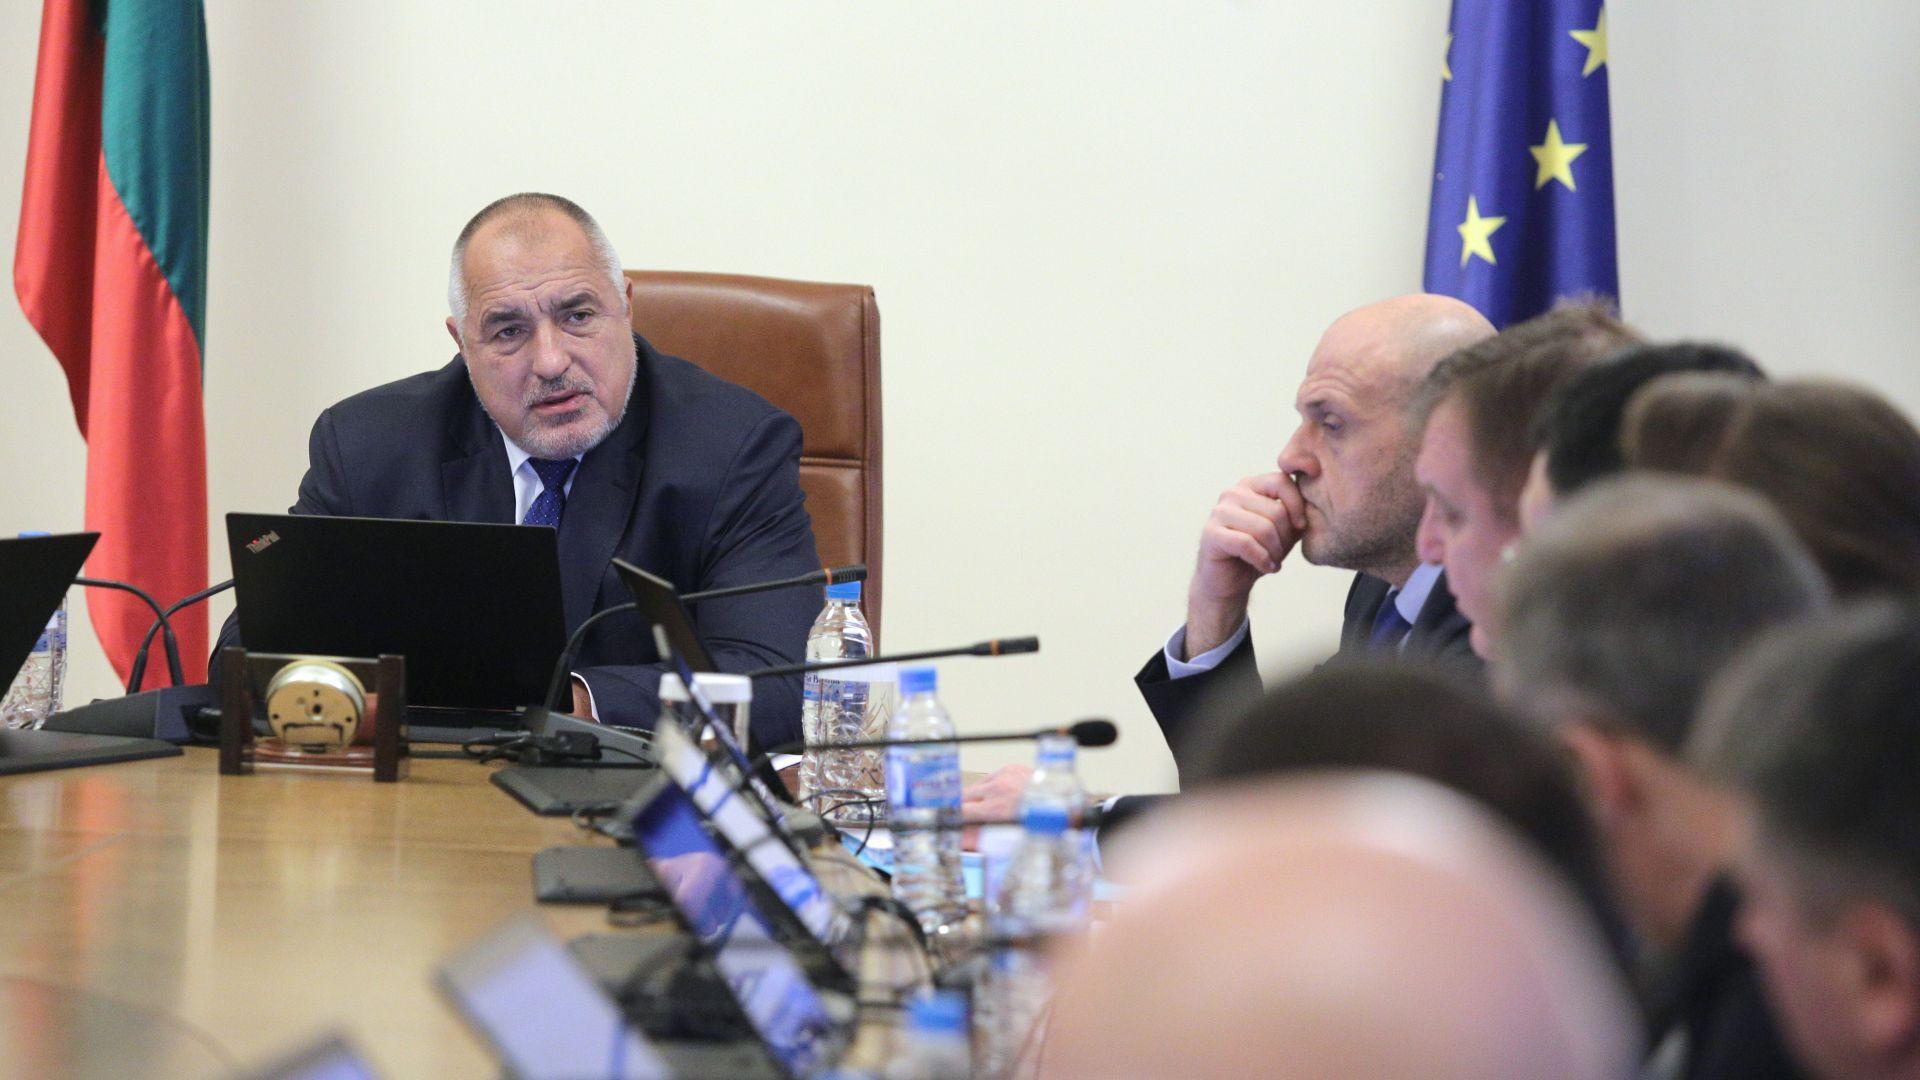 Борисов забрани на министрите да се месят в конфликта между Радев и прокуратурата